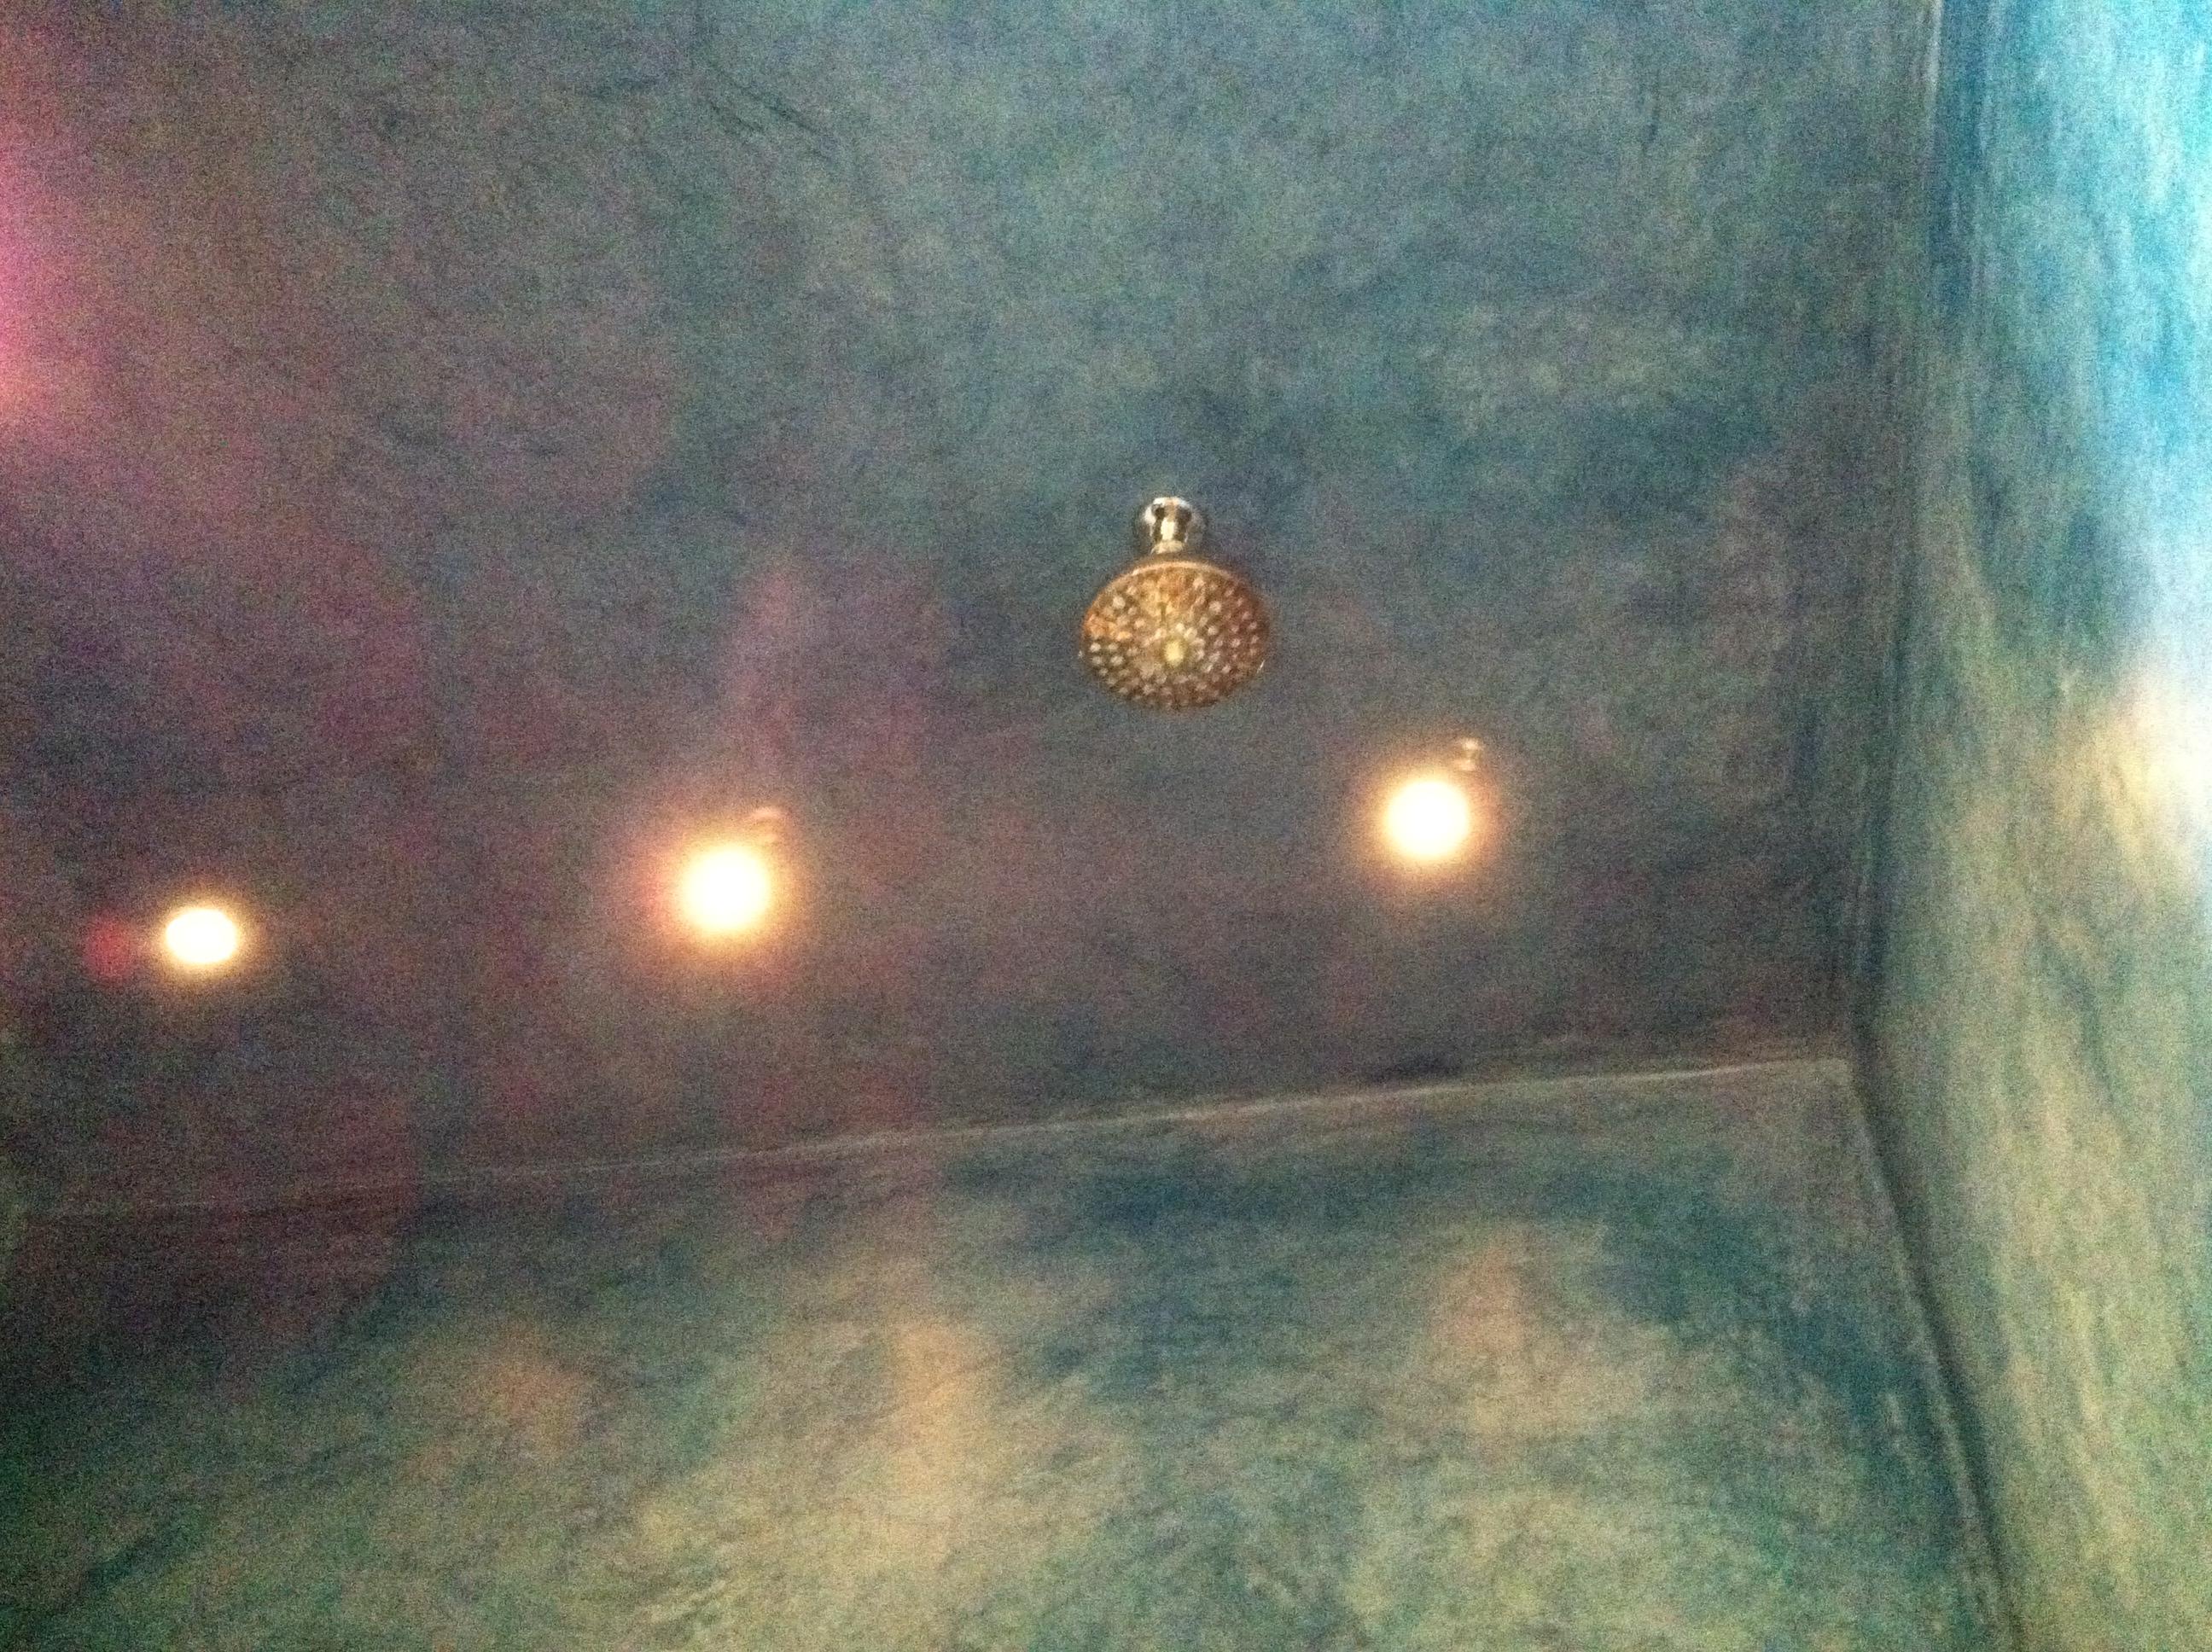 hammam - cielo illuminato con soffione doccia